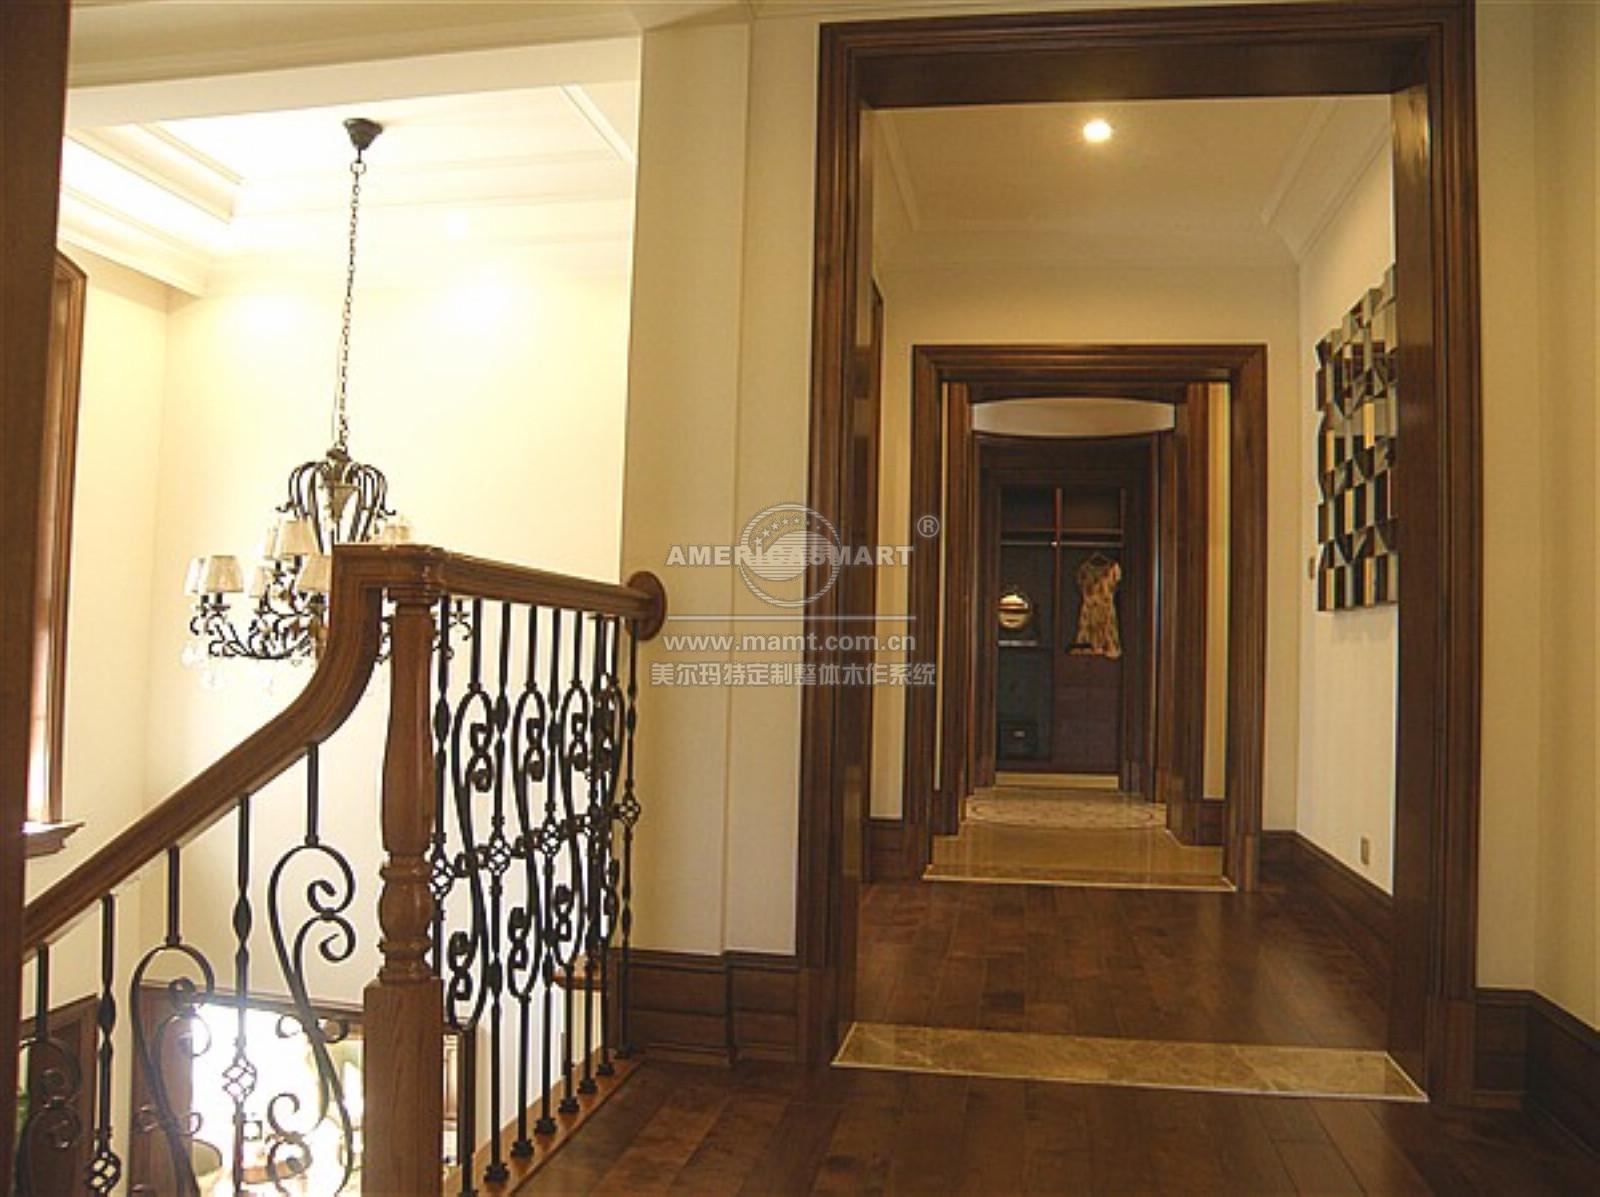 过道门框装修效果图; 清远天湖郦都欧式客厅过道门图片下载;